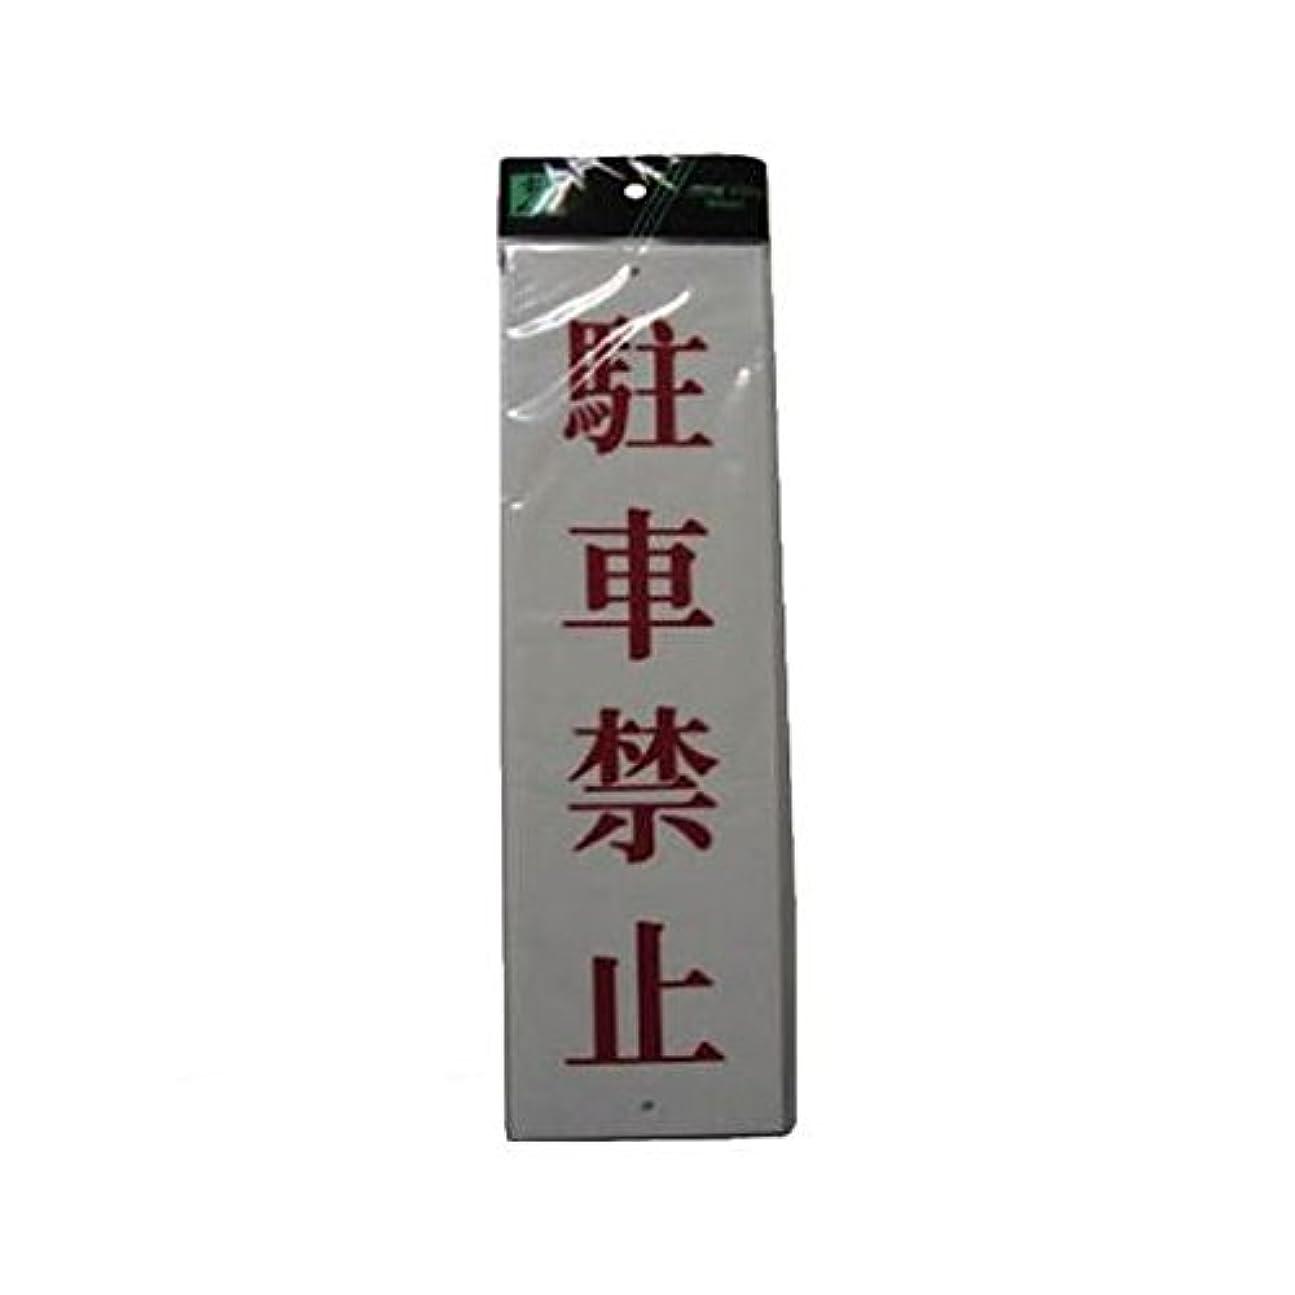 資料フォアマン適格FM55245 駐車禁止 【5入】